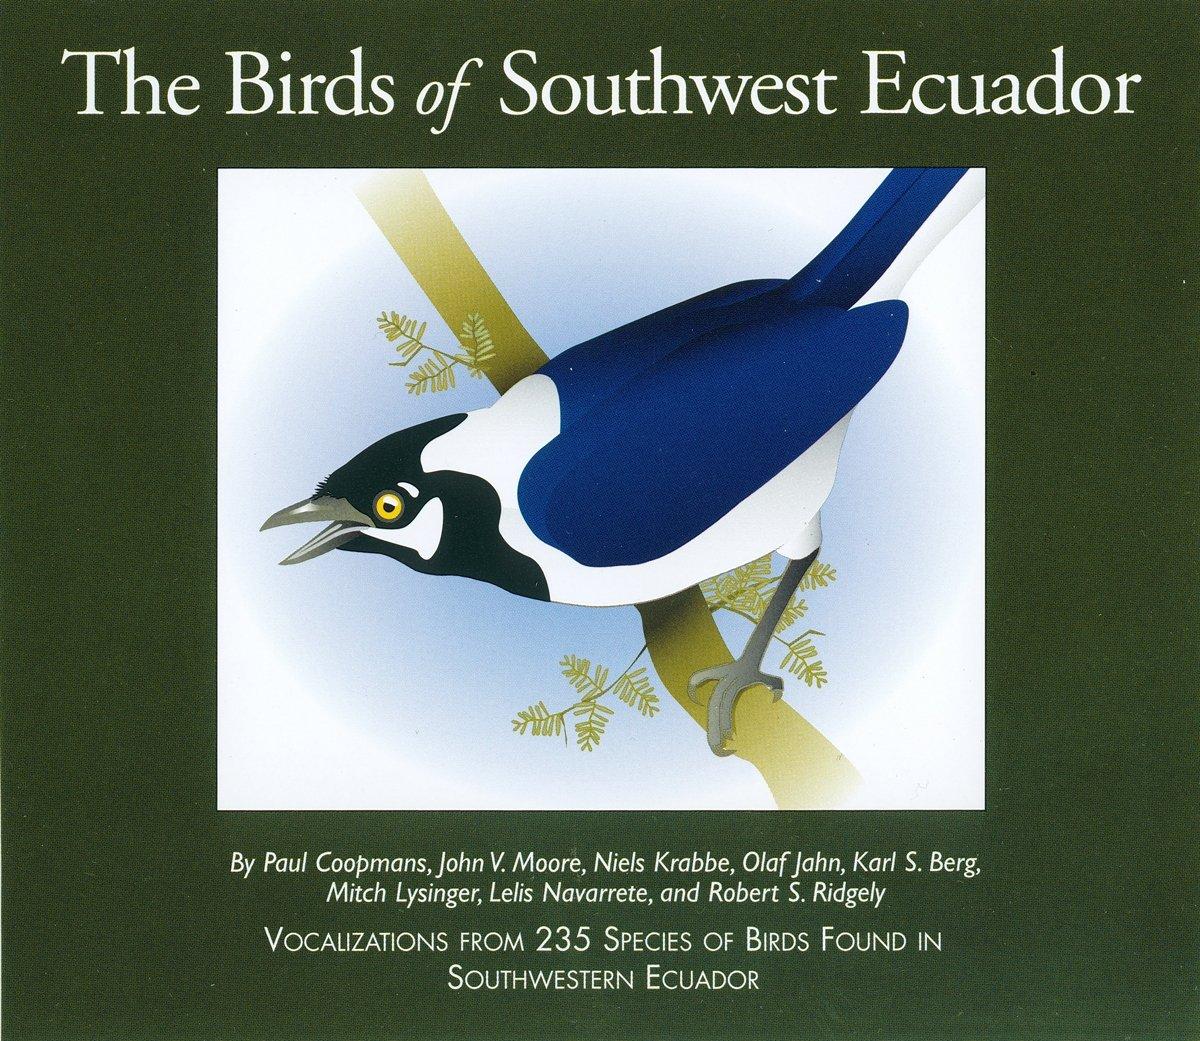 The Birds of Southwest Ecuador